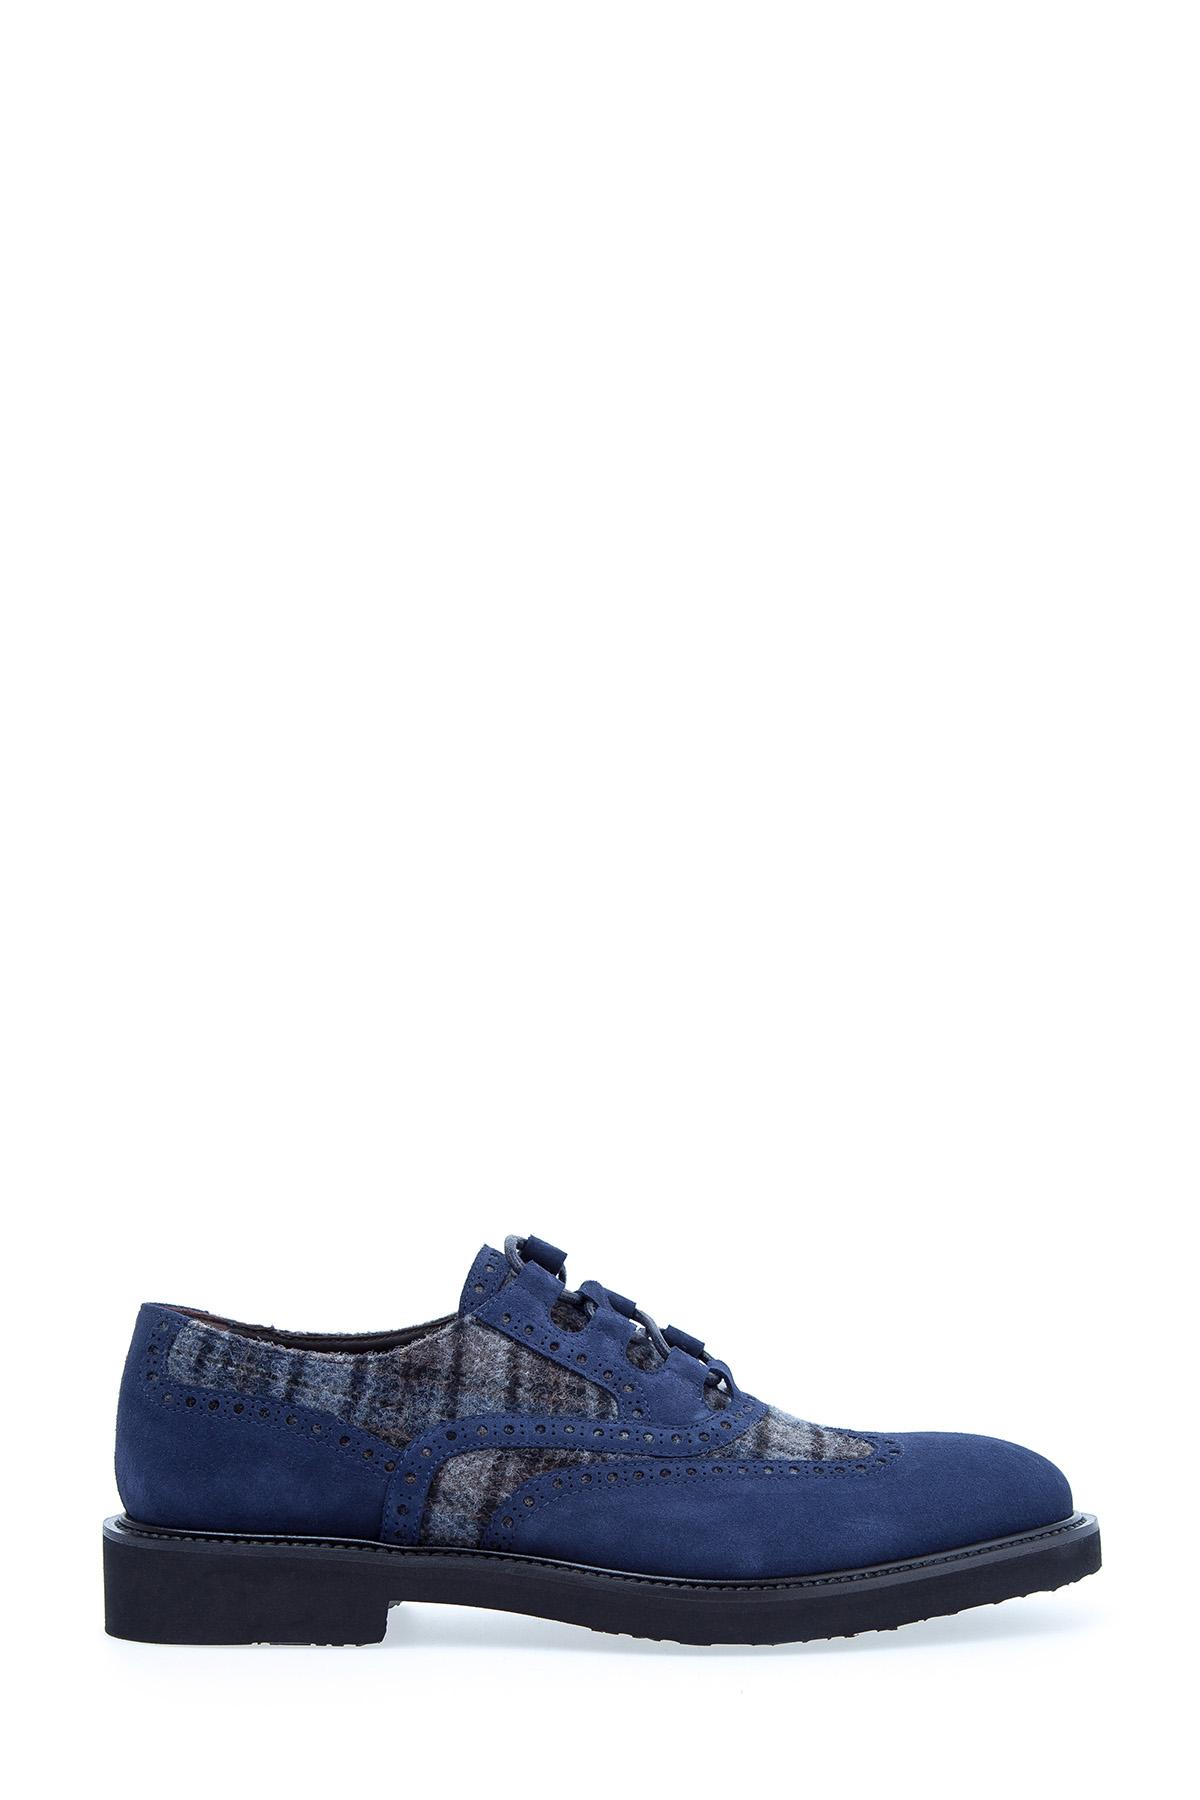 Купить Ботинки, MORESCHI, Италия, замша 100%, шерсть 100%